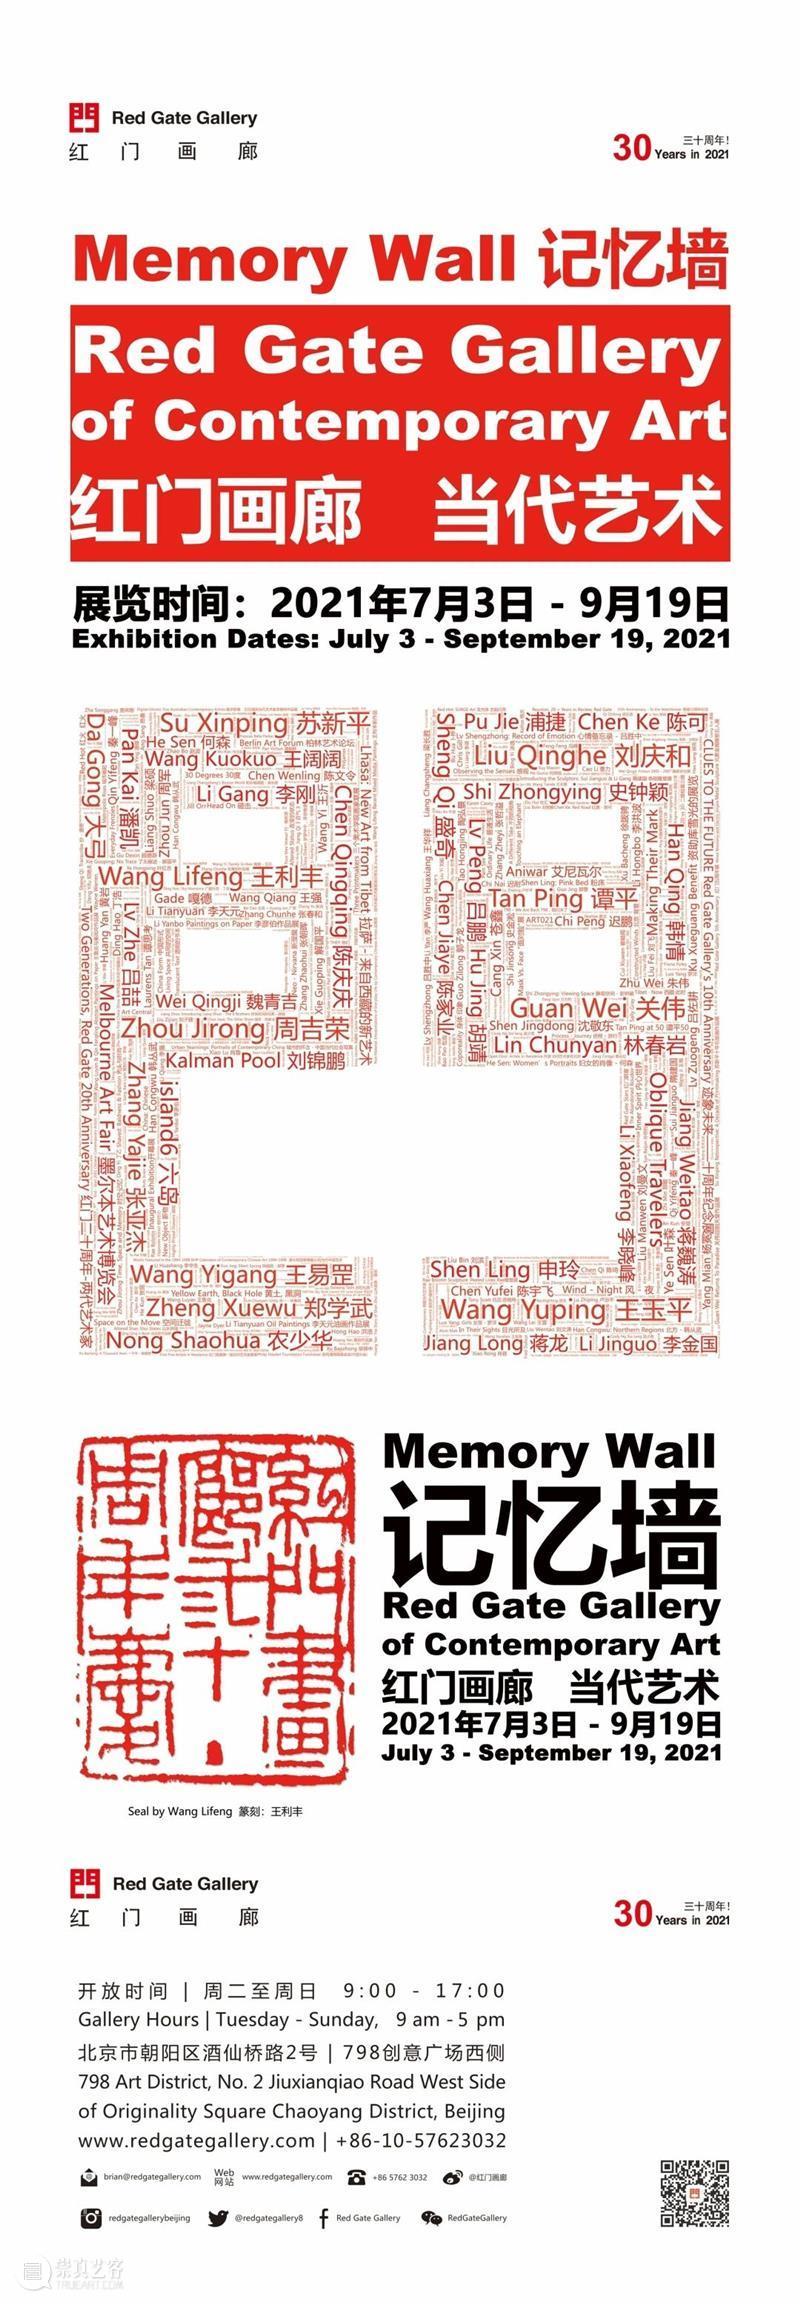 30周年 | Memory Wall Project Final Weekend 记忆墙闭幕活动邀请 活动 二维码 红门画廊 时间轴 Saturday September 创始人 布朗 华莱士 记忆 崇真艺客